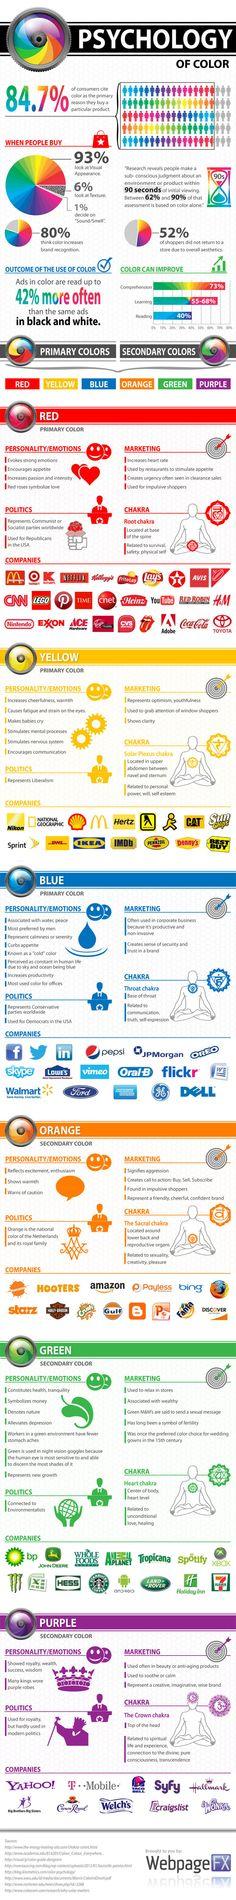 Una excelente infografía para entender mejor la psicología del color en el diseño | TodoGraphicDesign